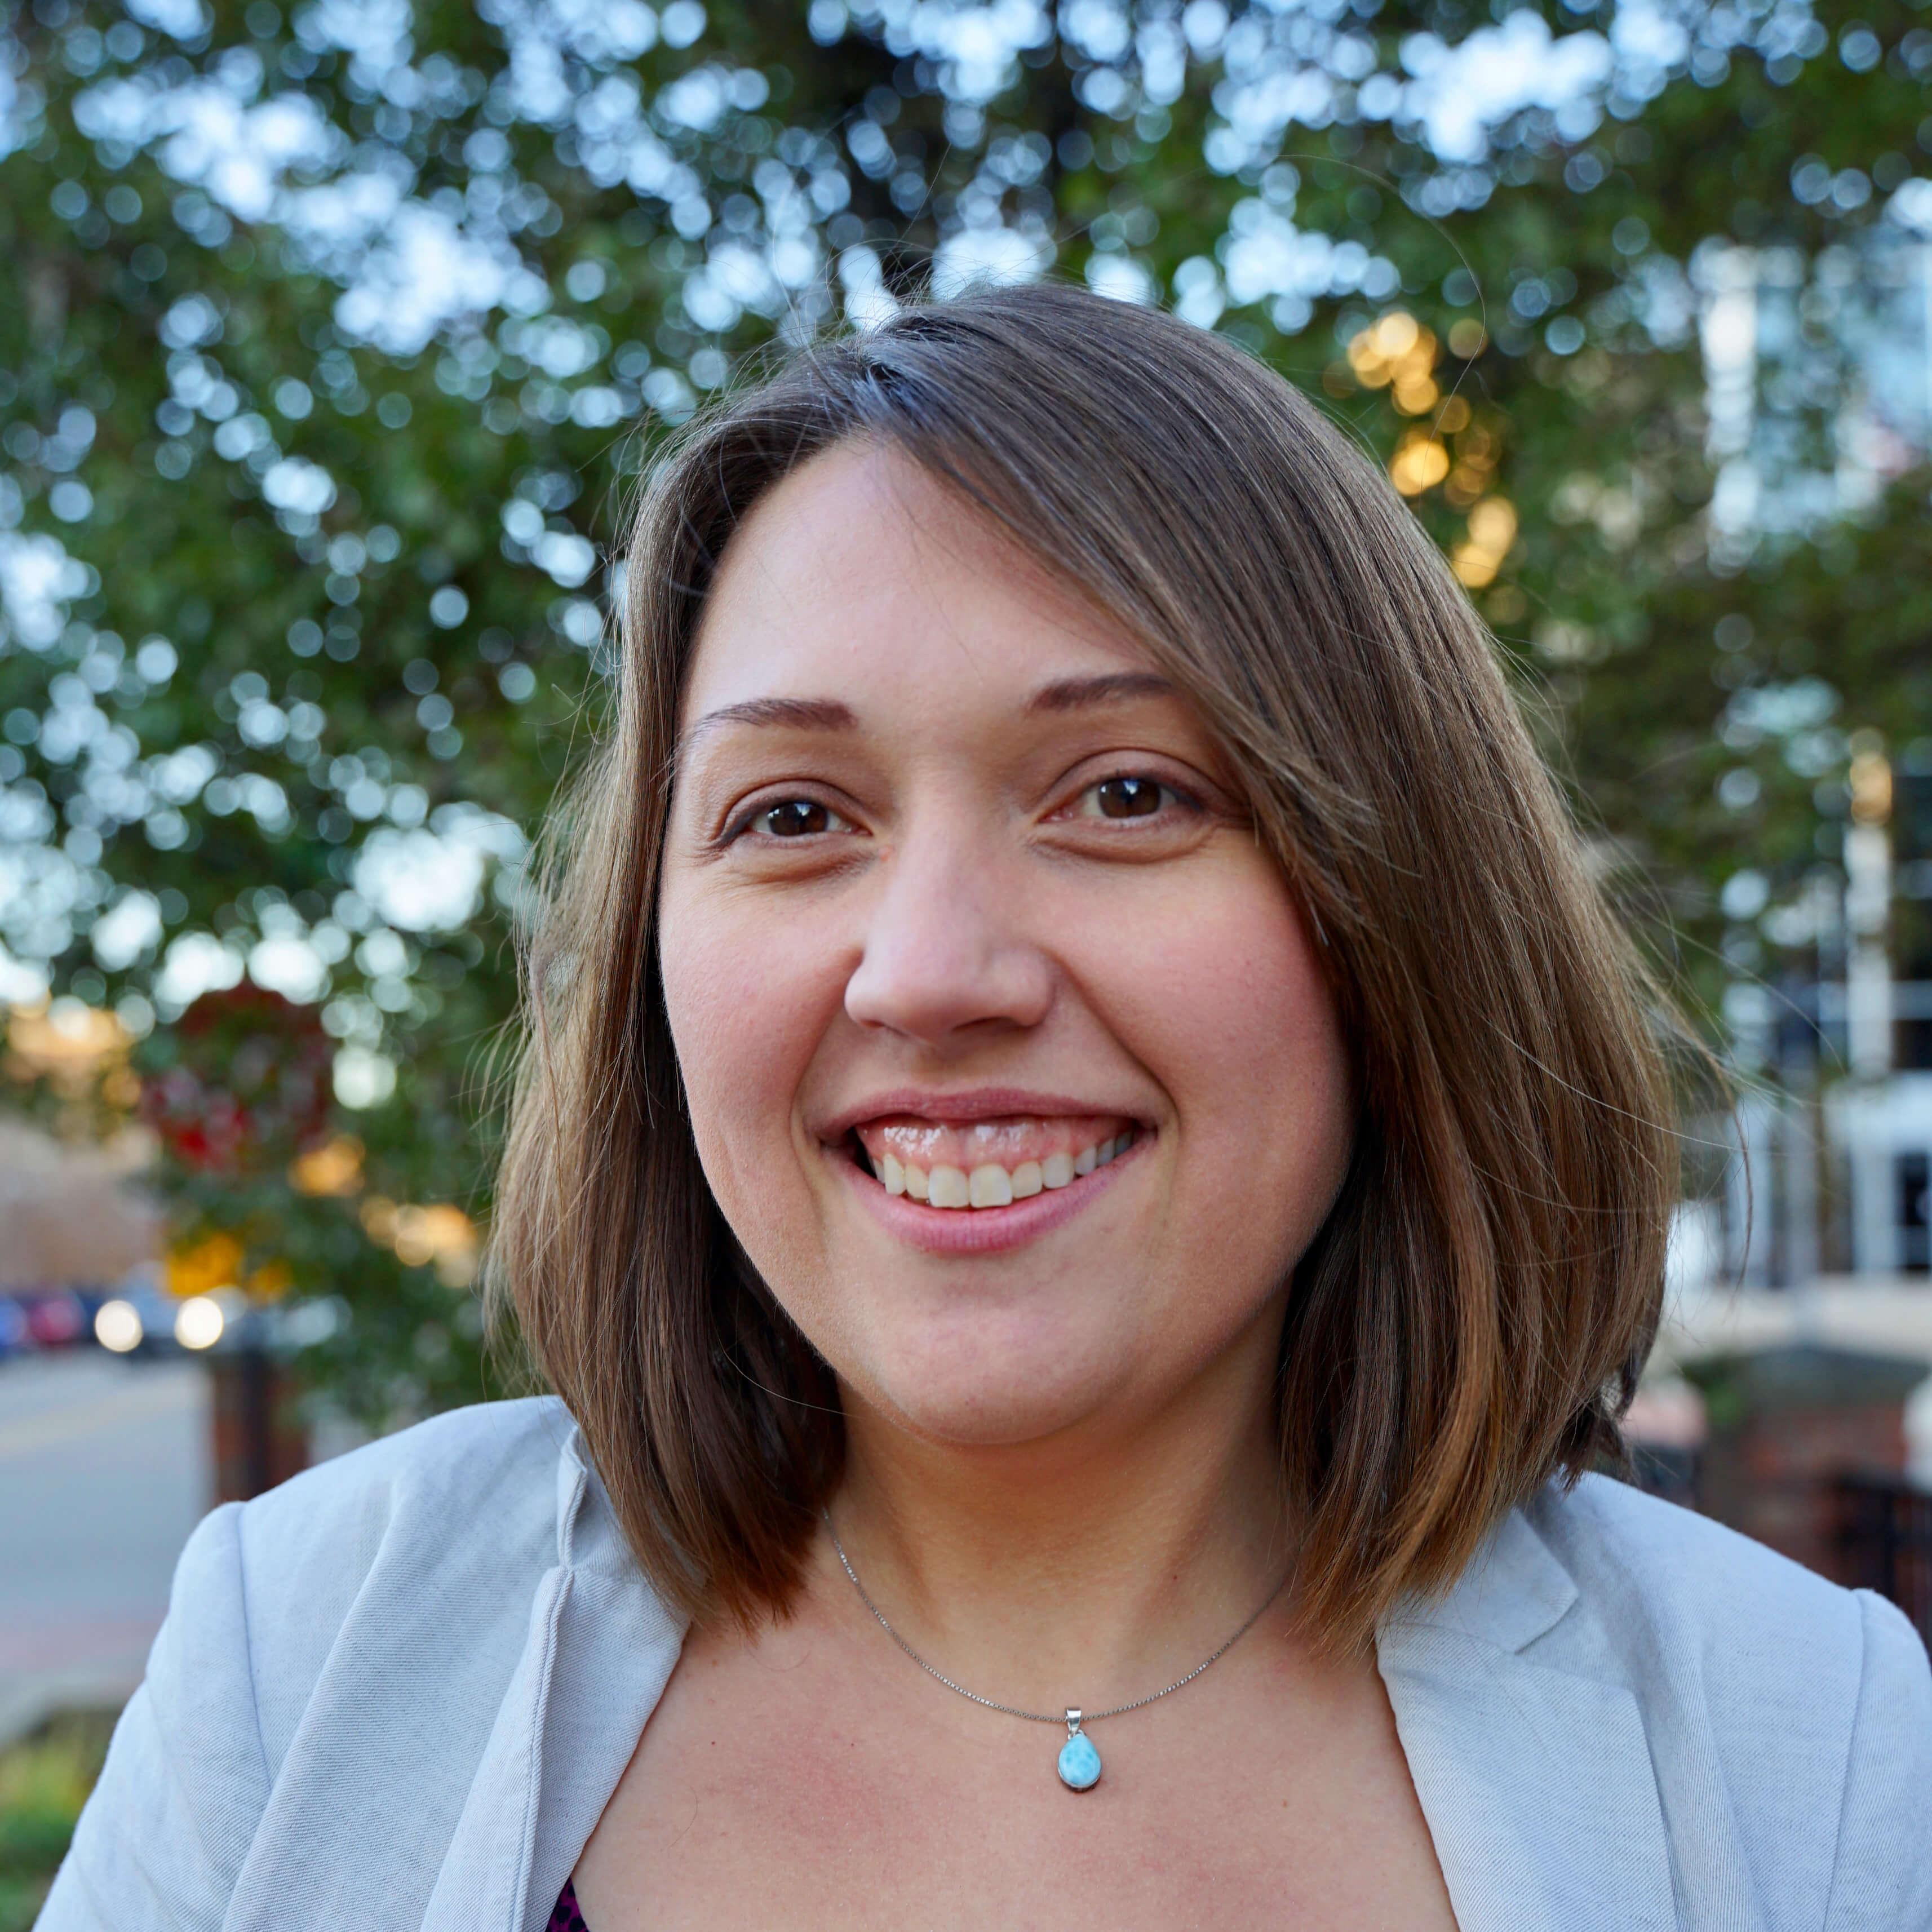 Shannon Abbott